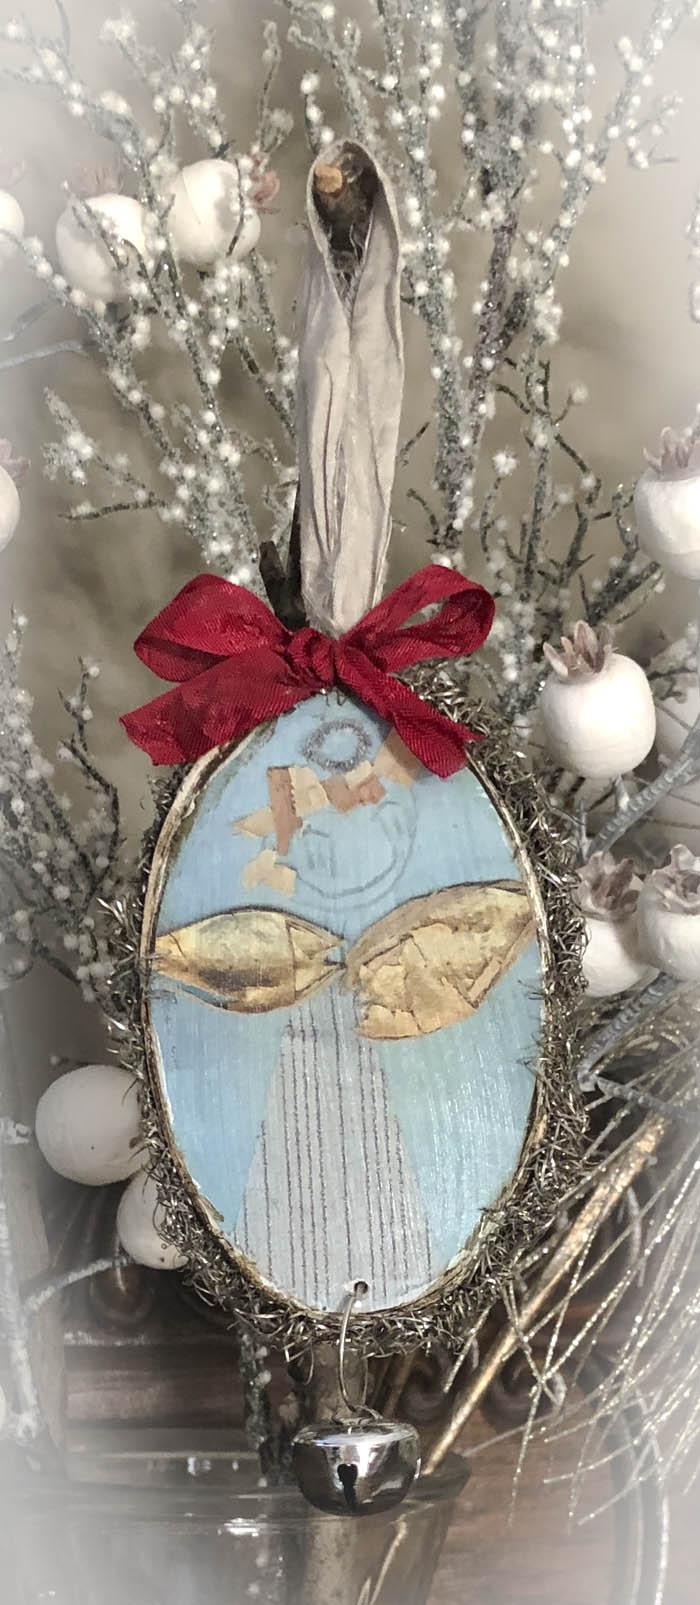 Angels sang ornament